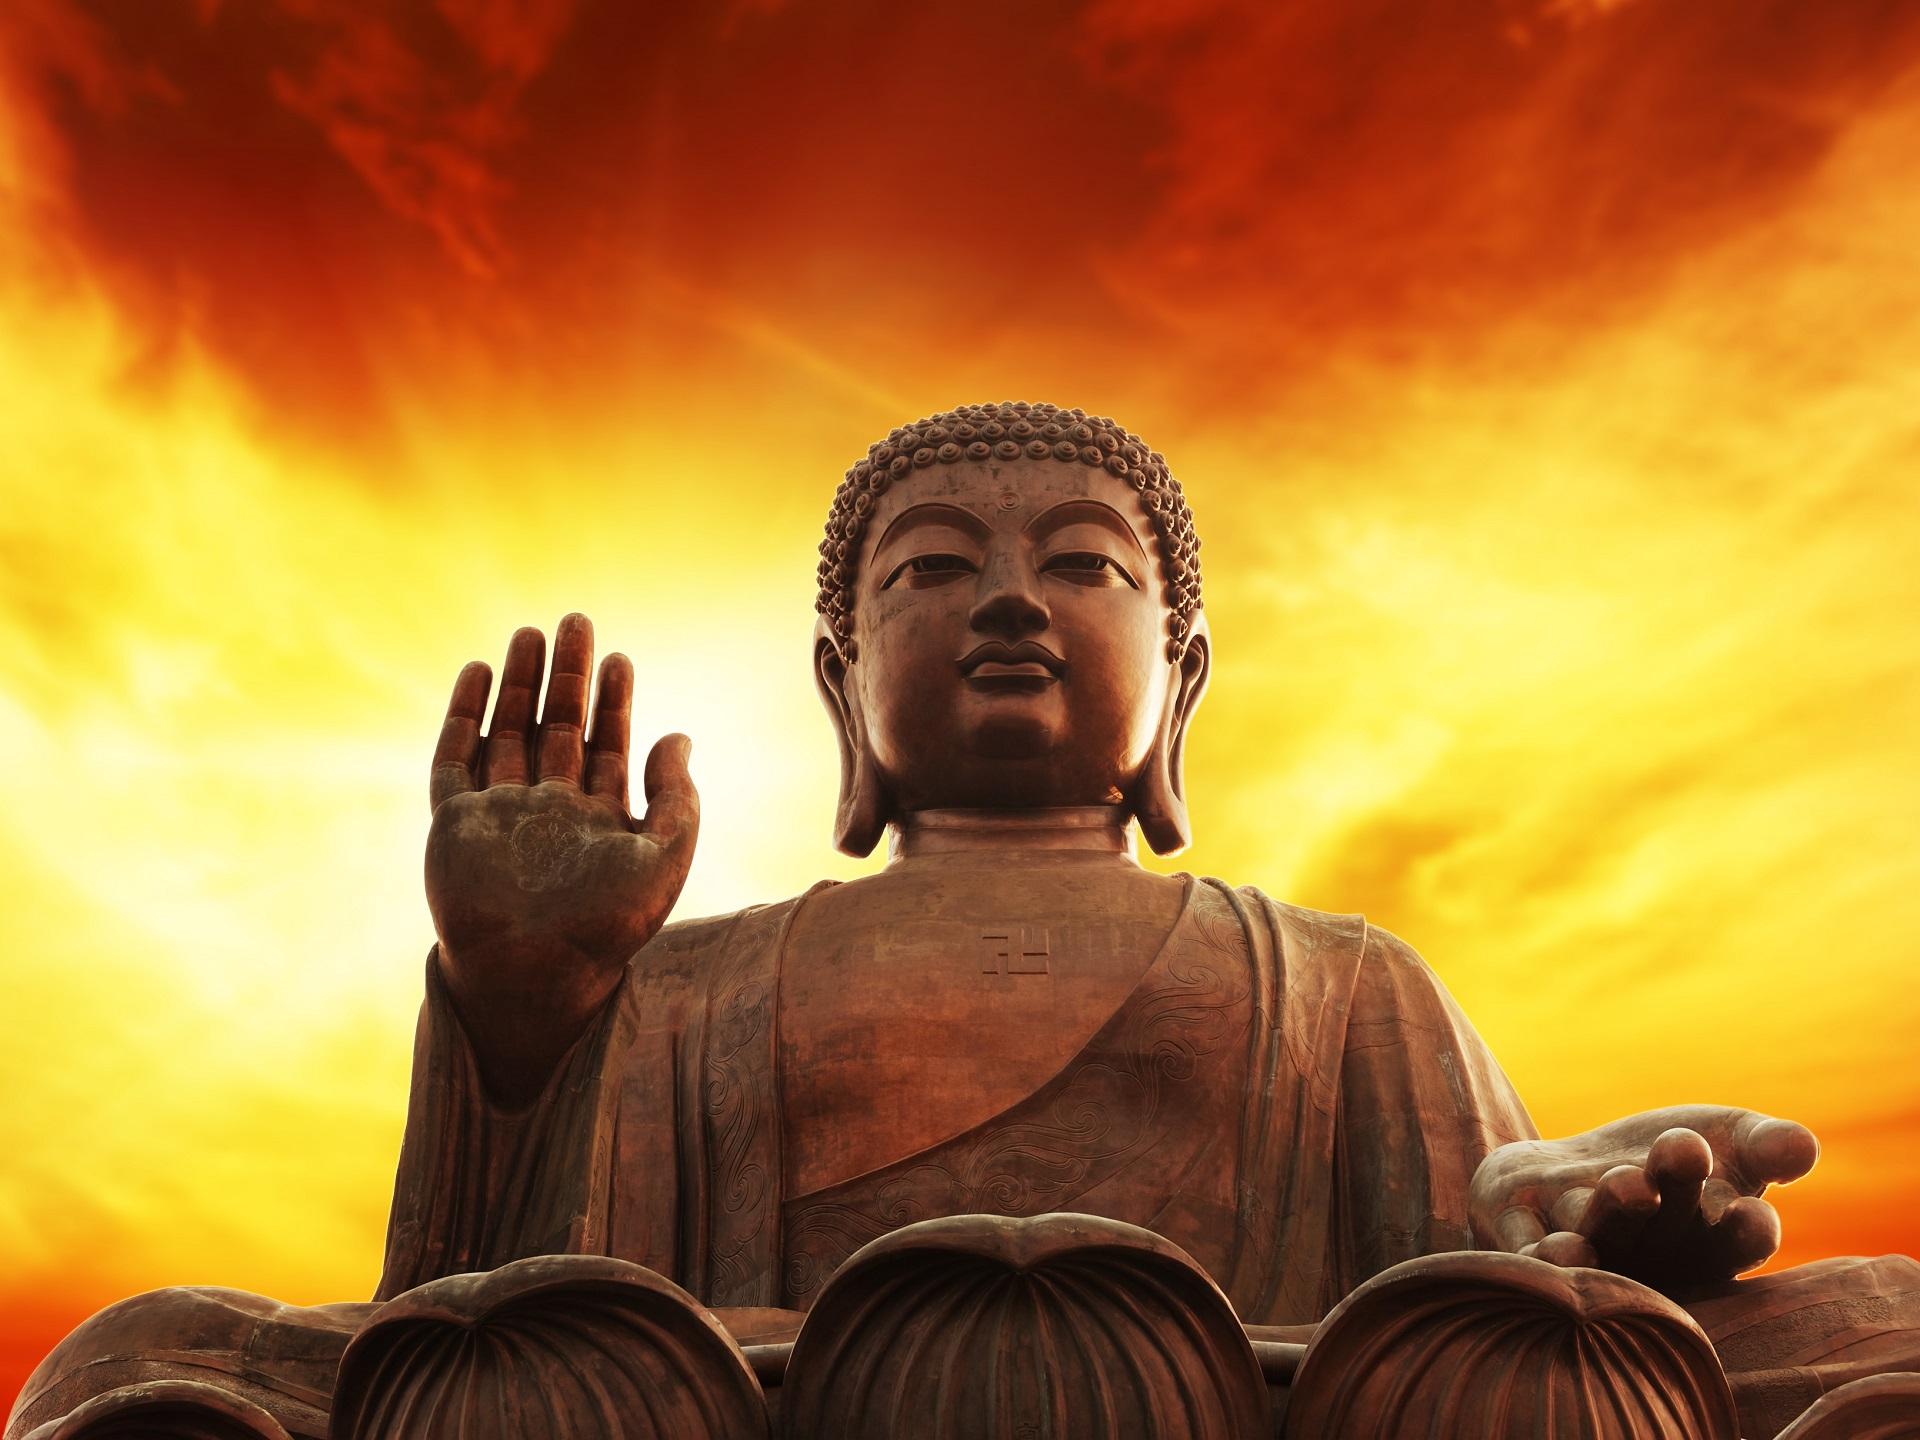 Секс это нравственно в буддизме